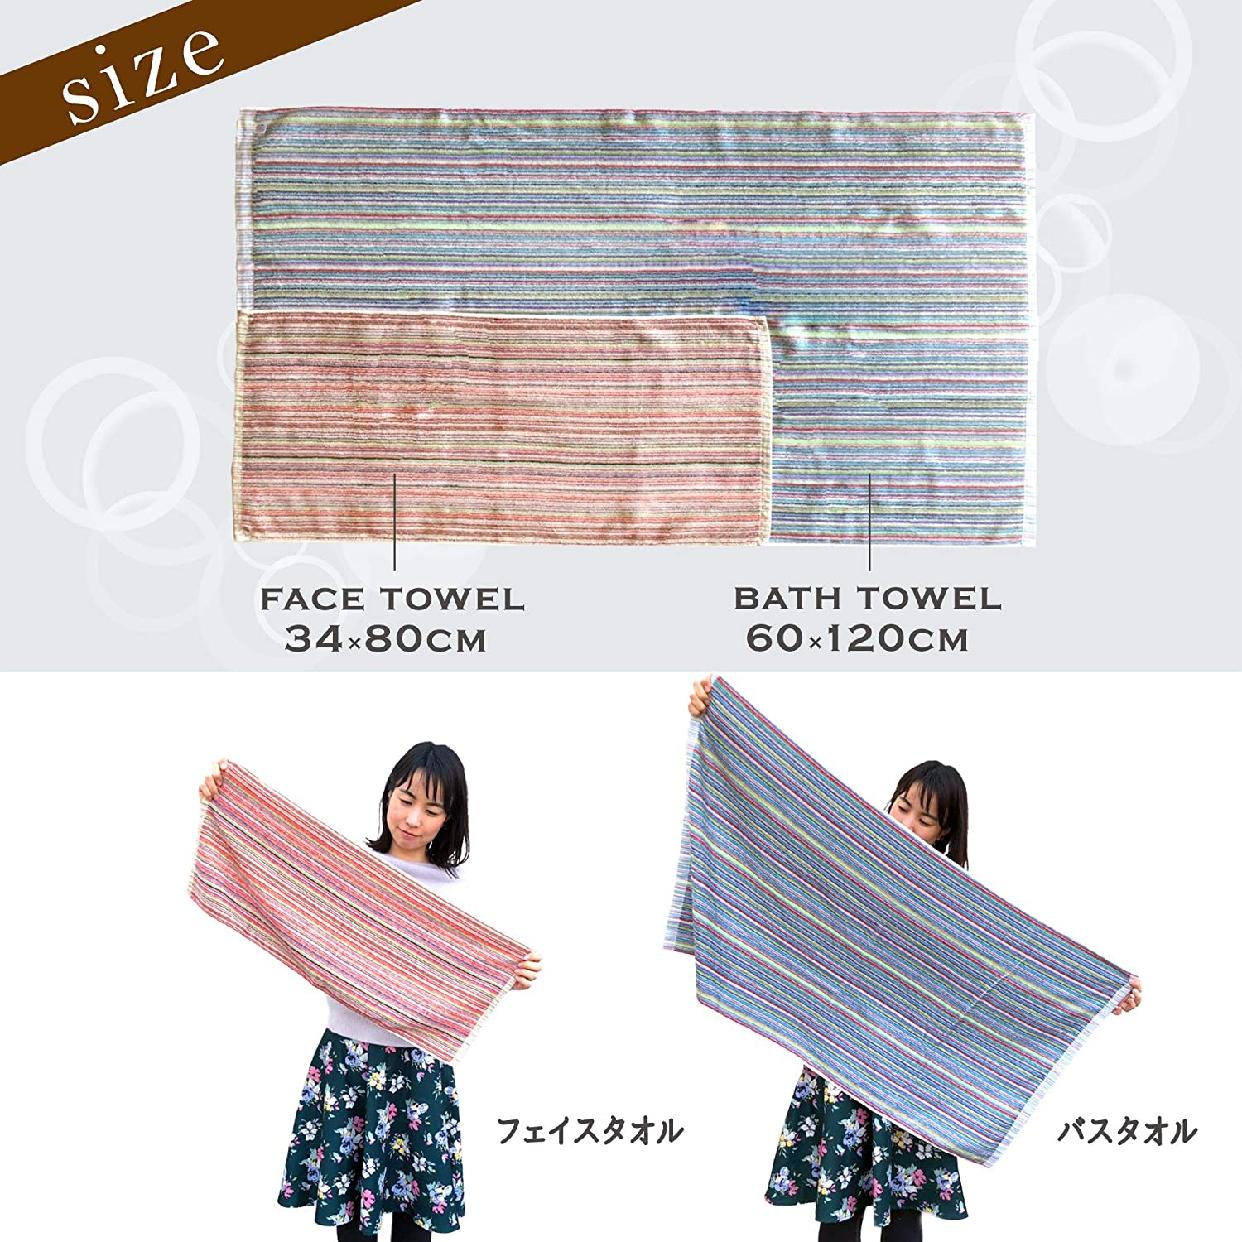 TANGONO(タンゴノ) 残糸で作ったエコなタオルセット 今治産タオルの商品画像4